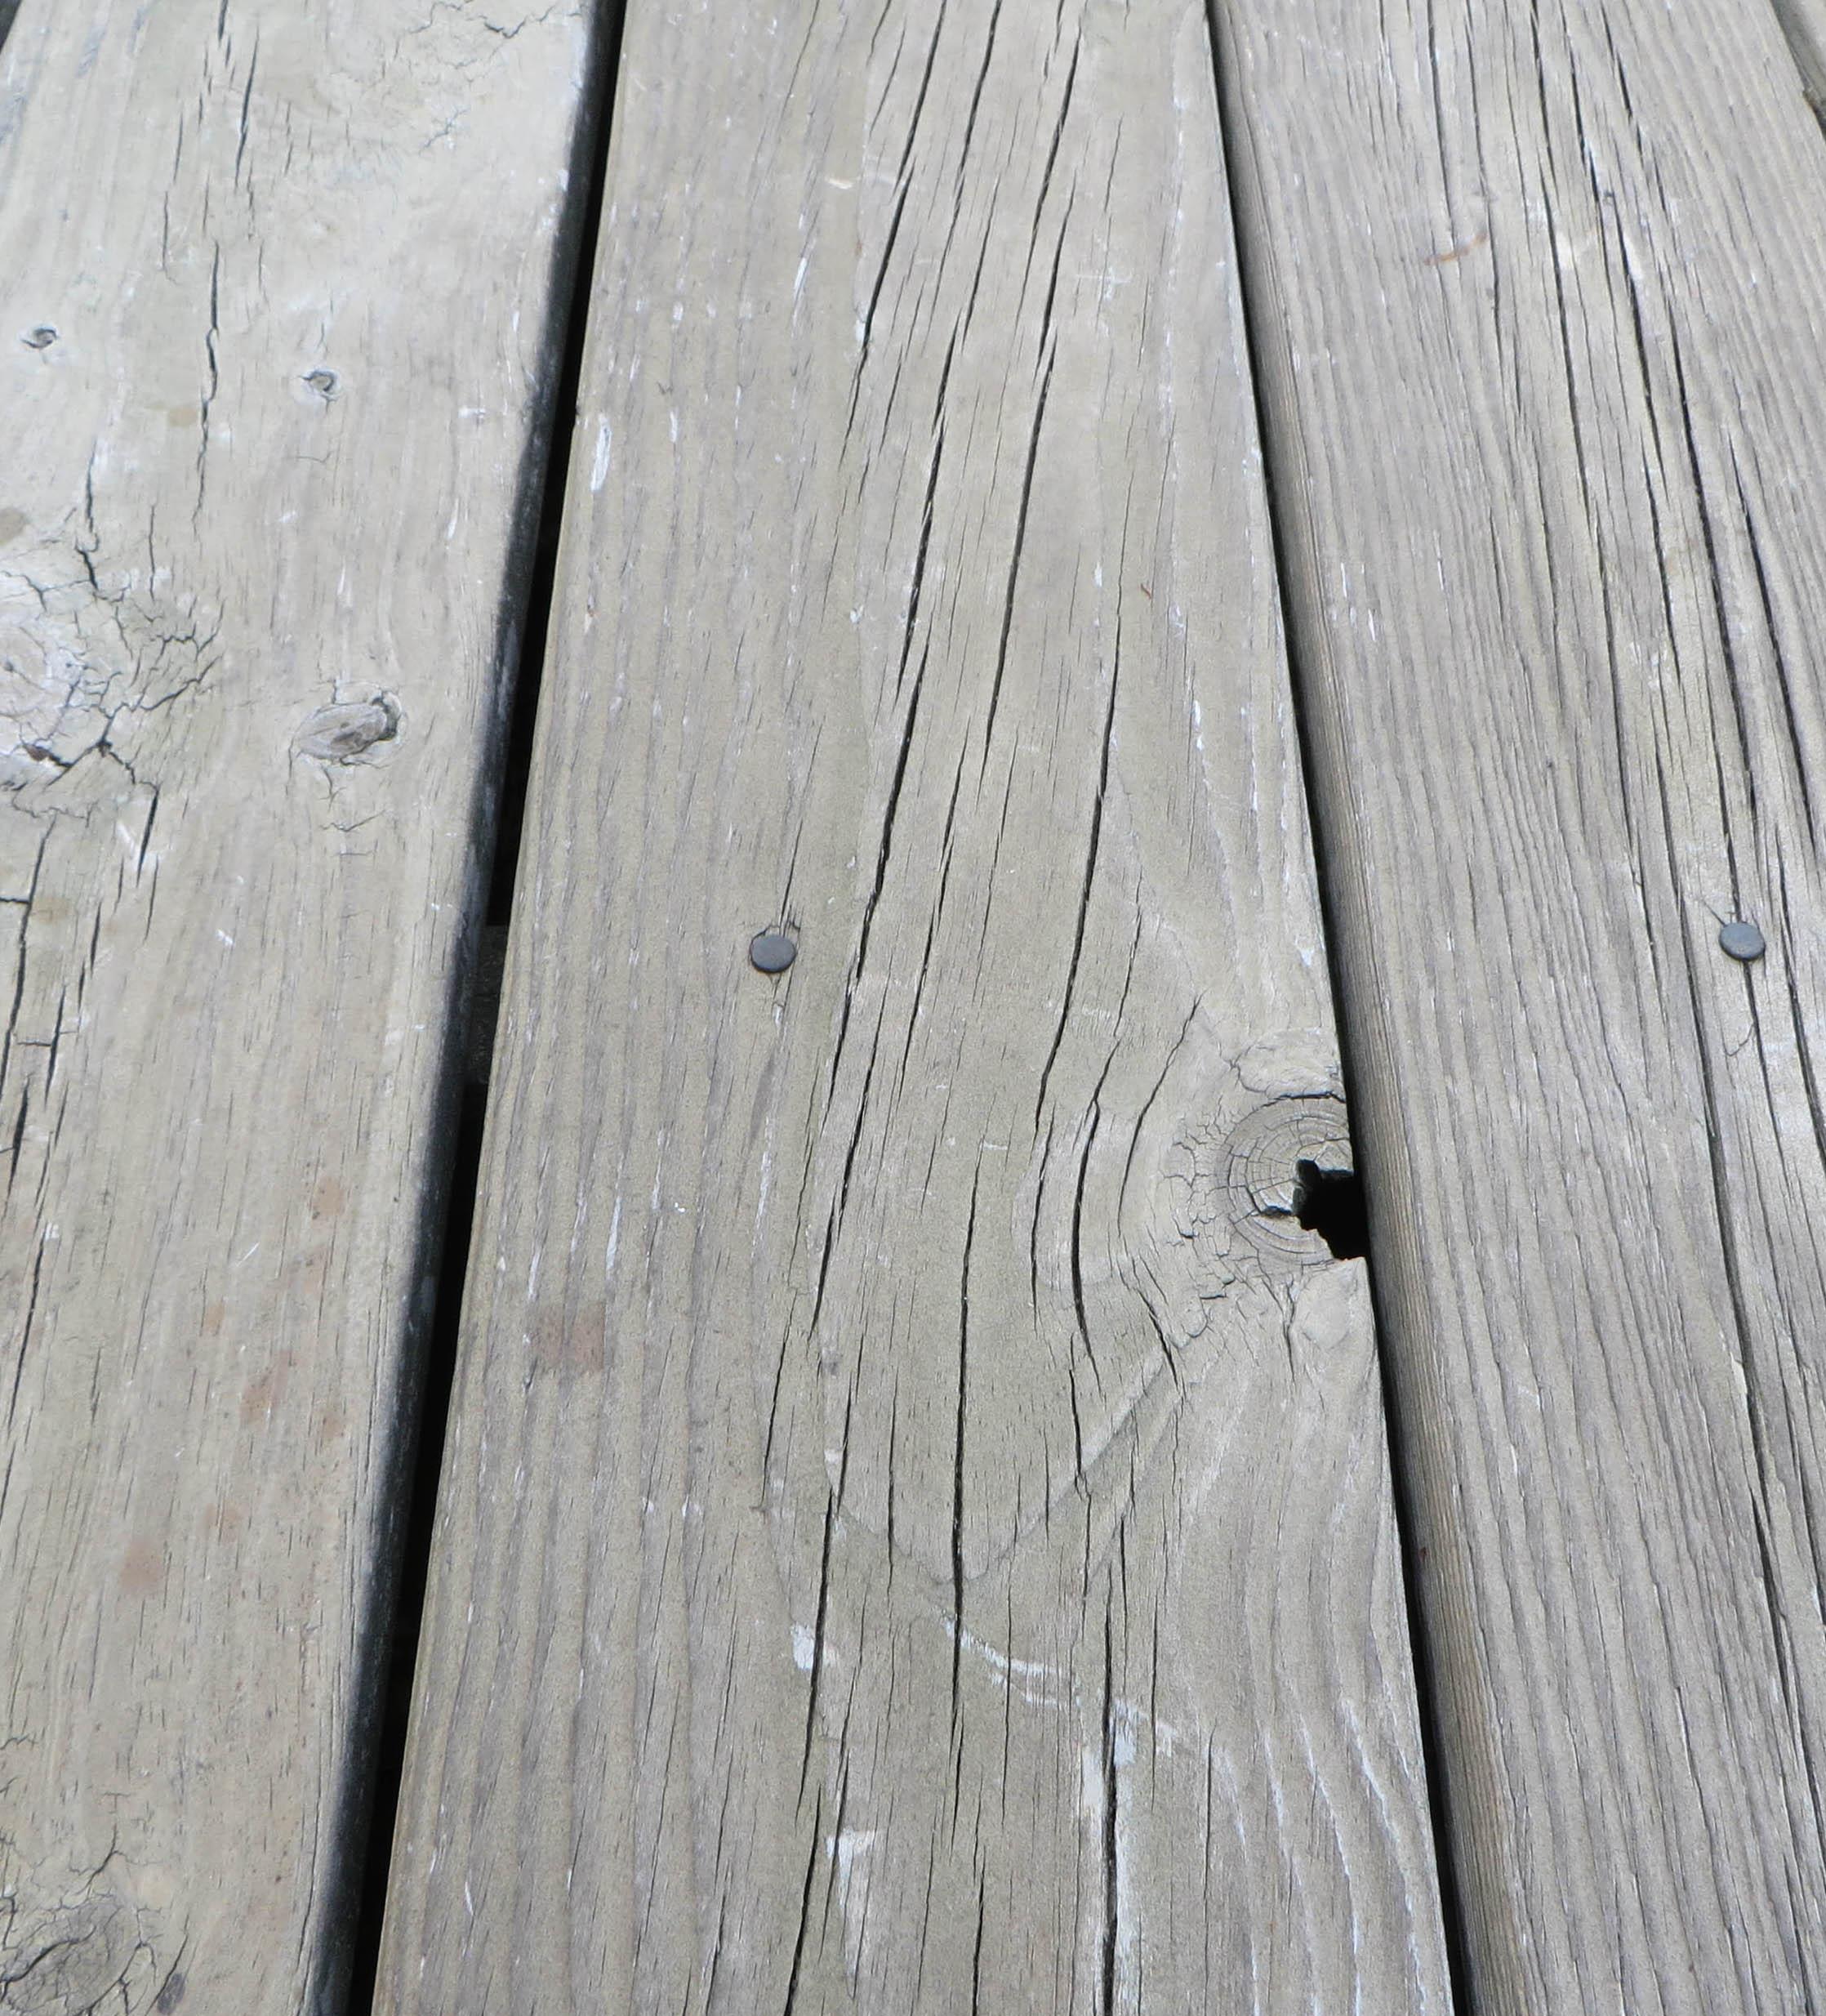 Refinishing Cracked, Weathered Decking | BuildingAdvisor